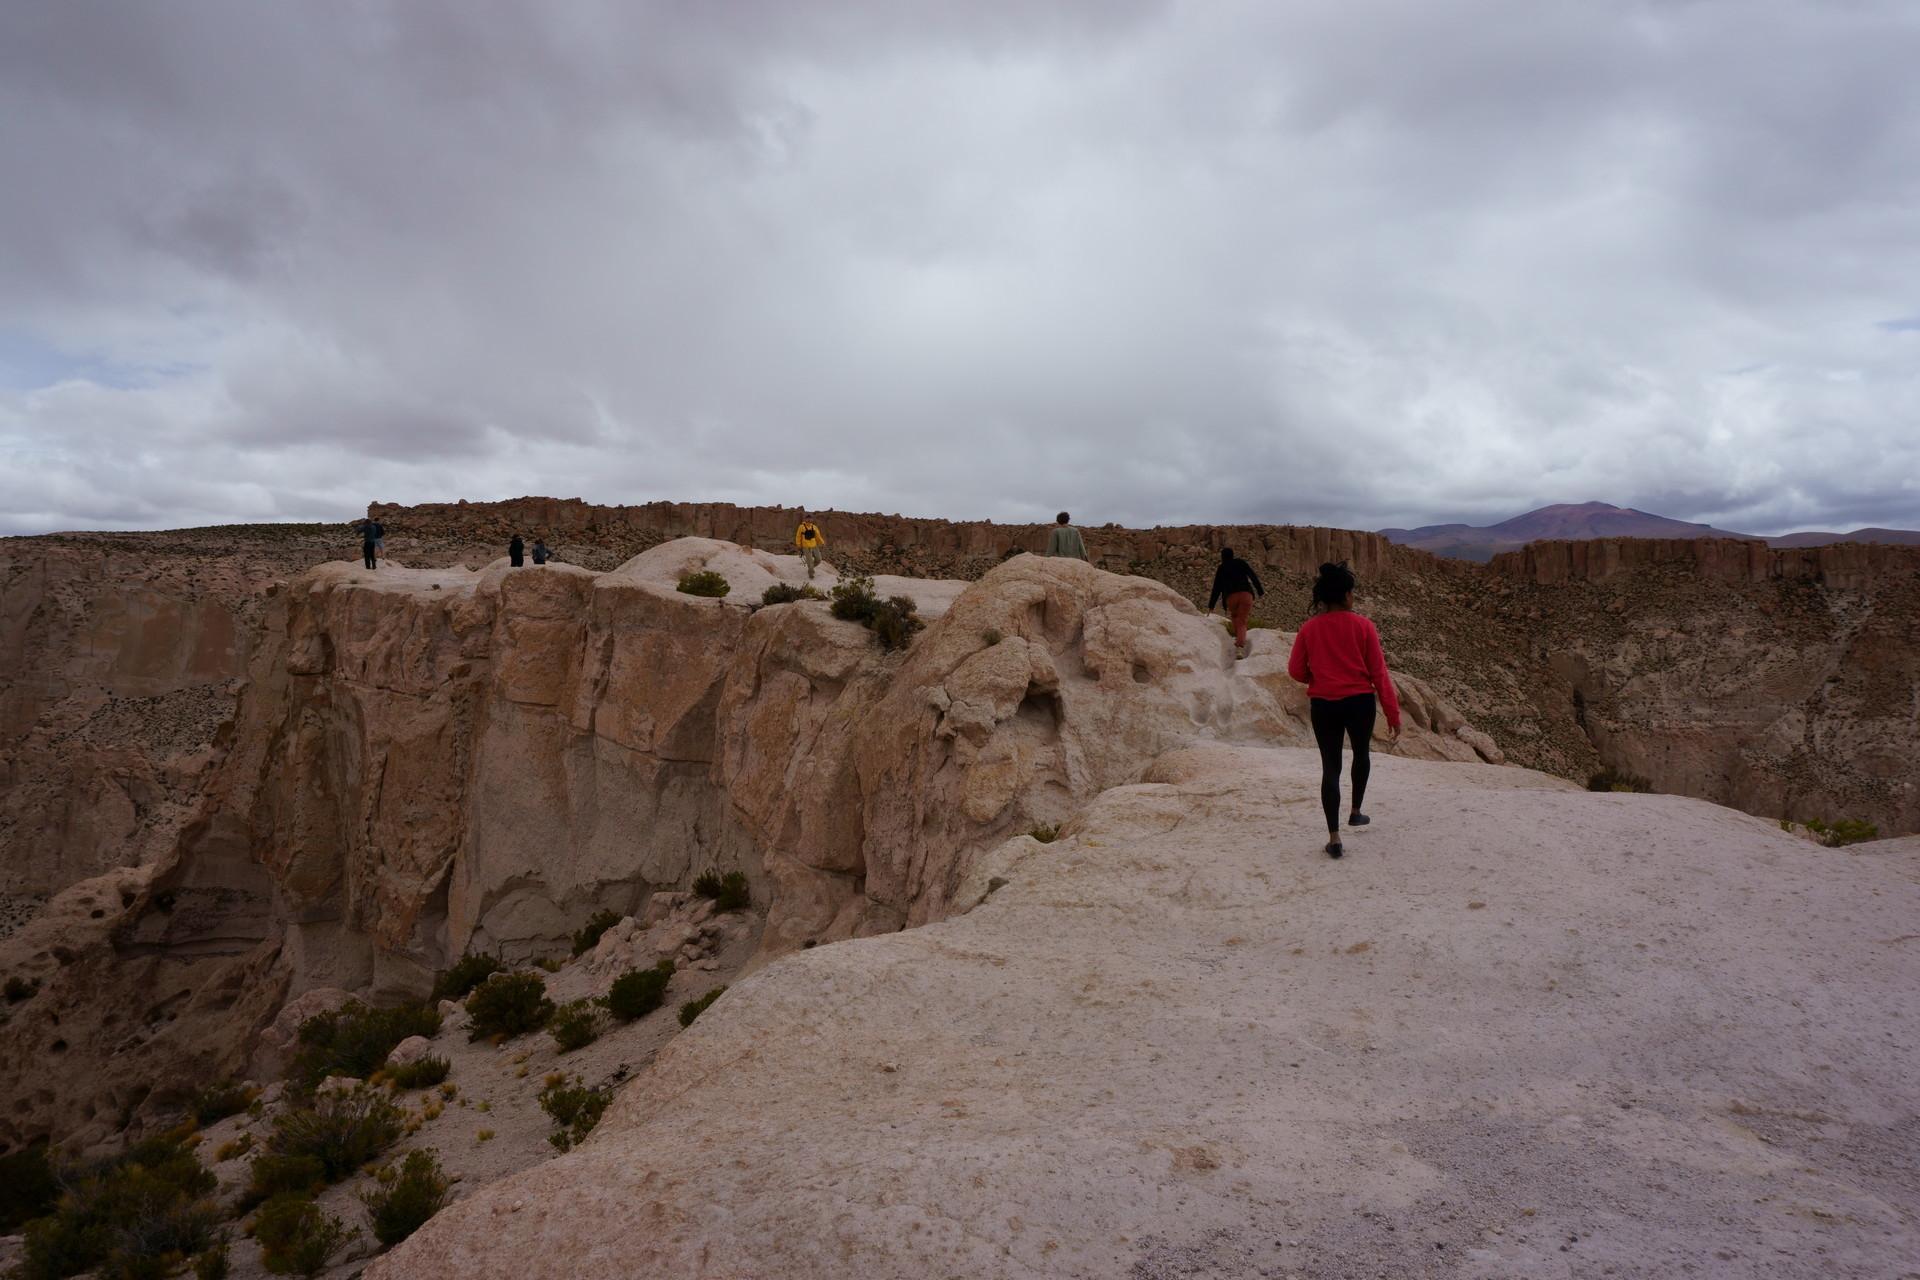 チリ ボリビア ウユニ旅行 2泊3日ツアー 崖の道